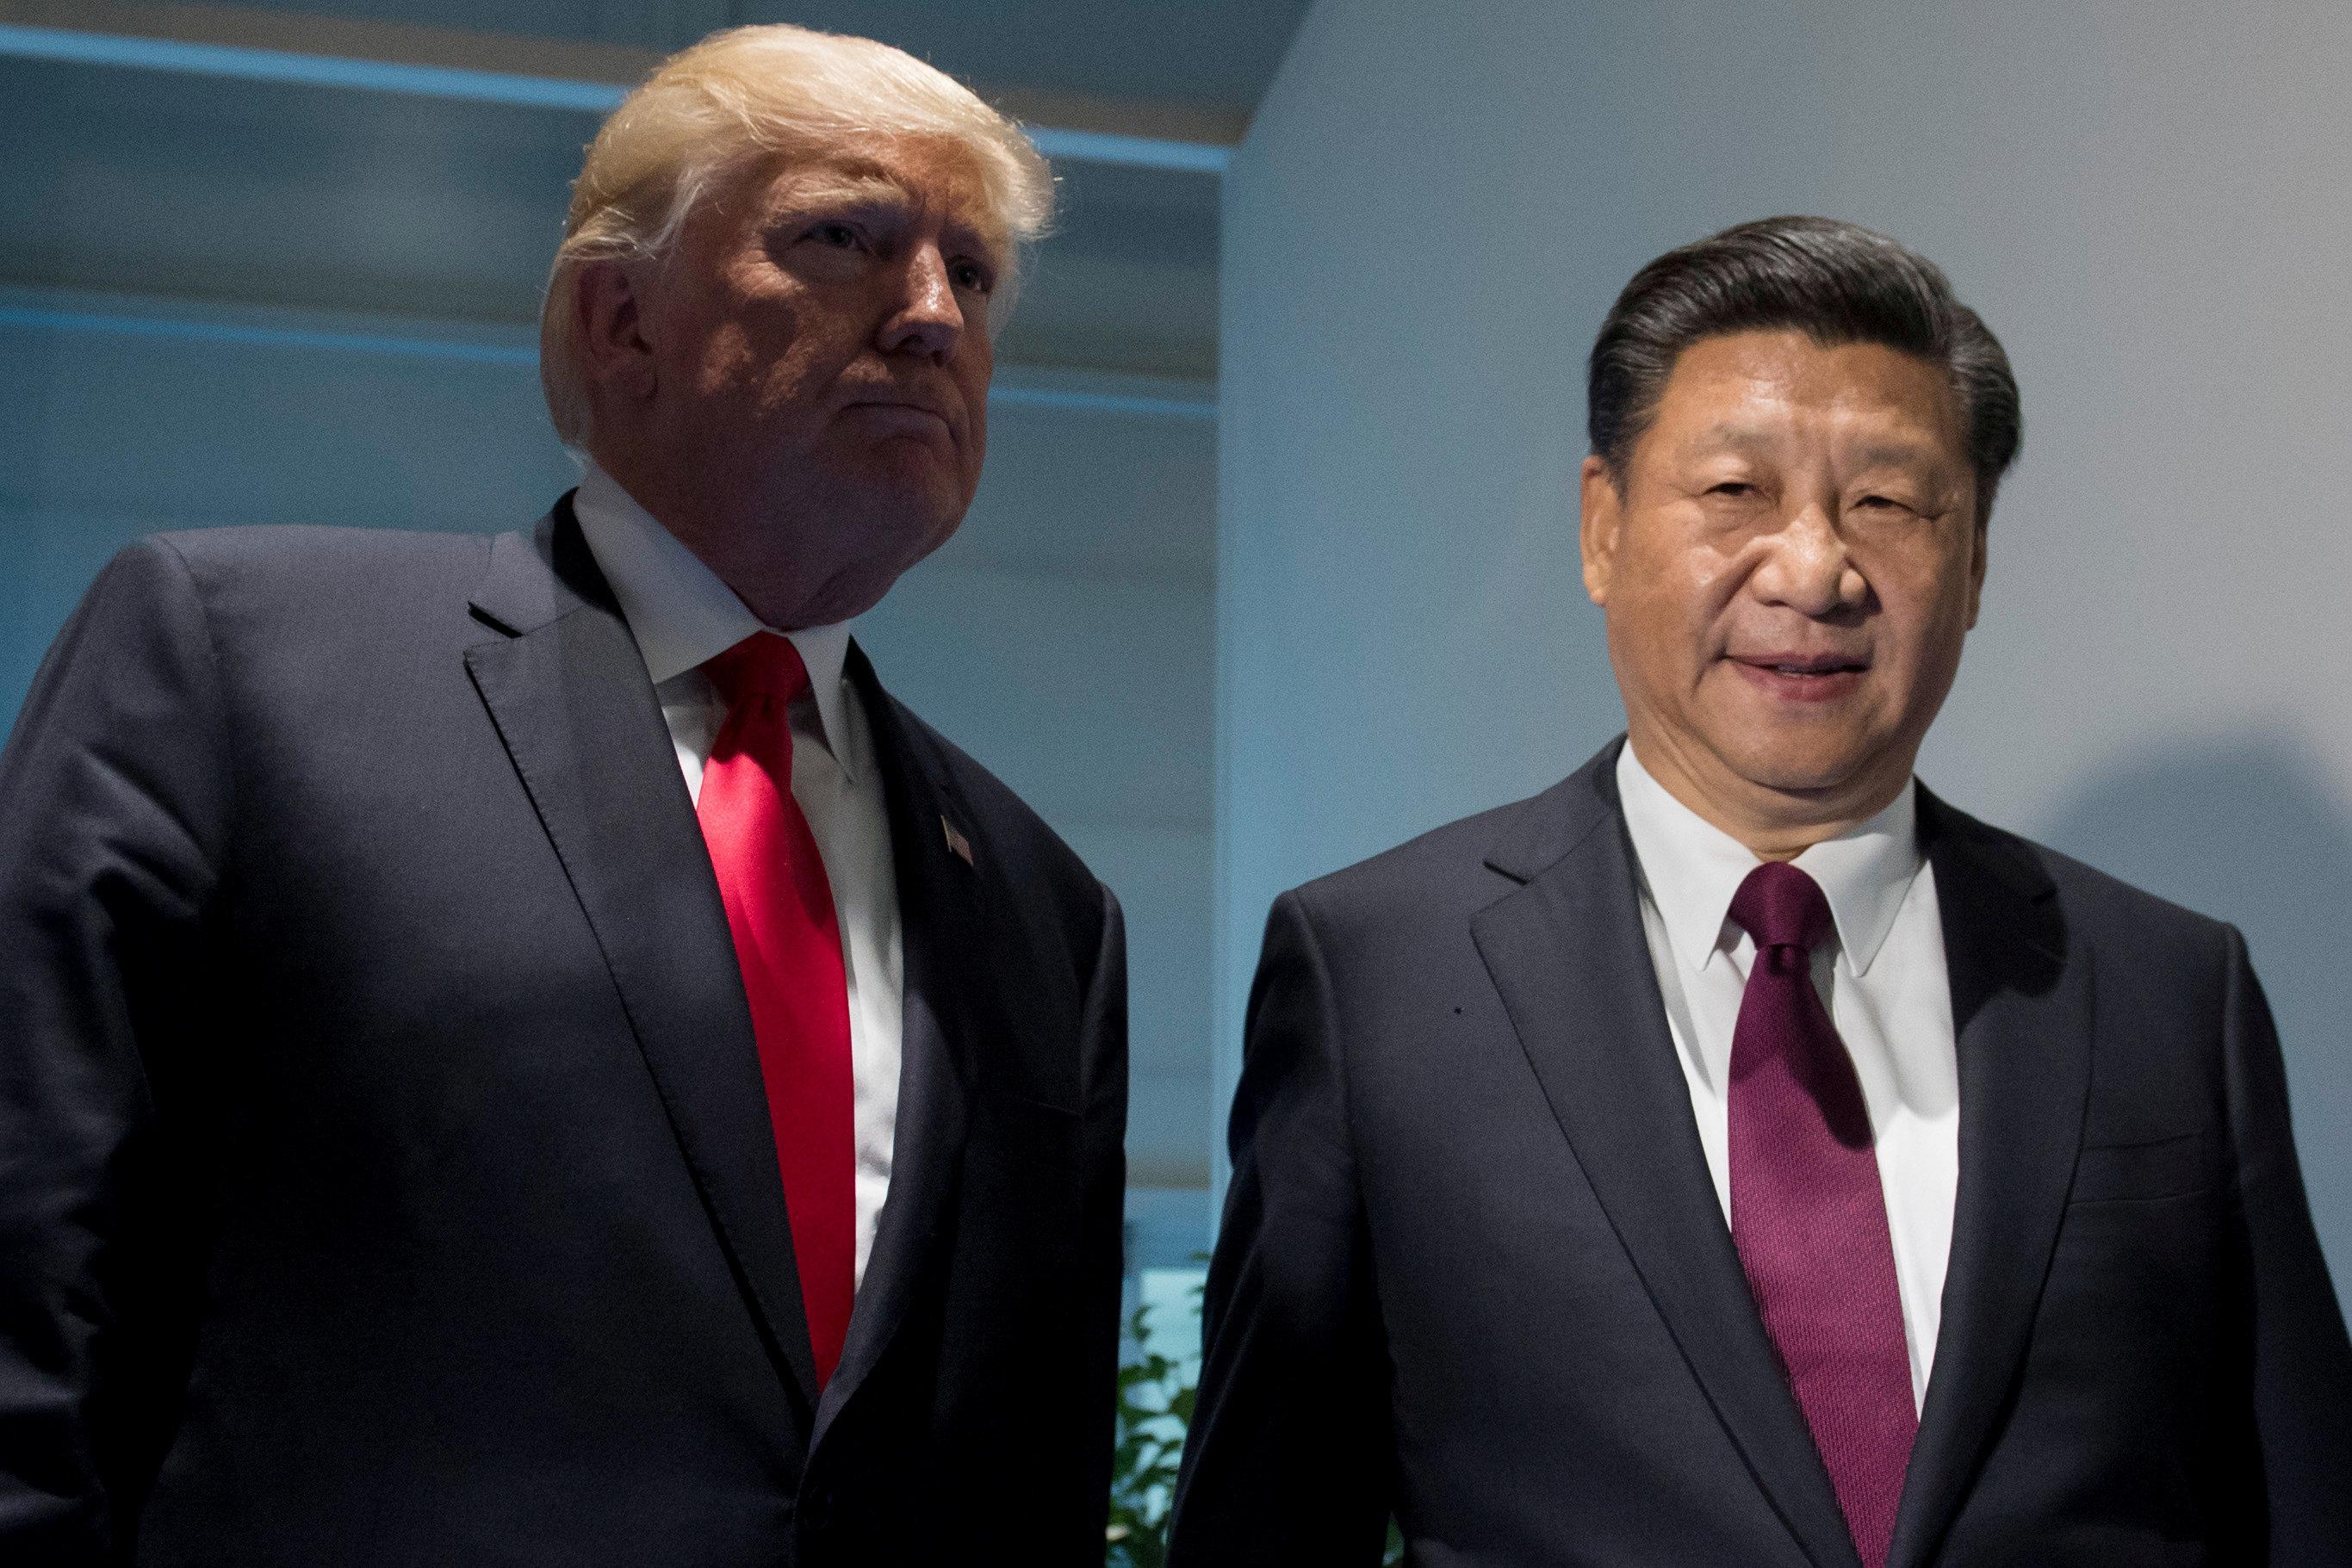 Der Handelskrieg zwischen China und den USA eskaliert – welche Folgen das